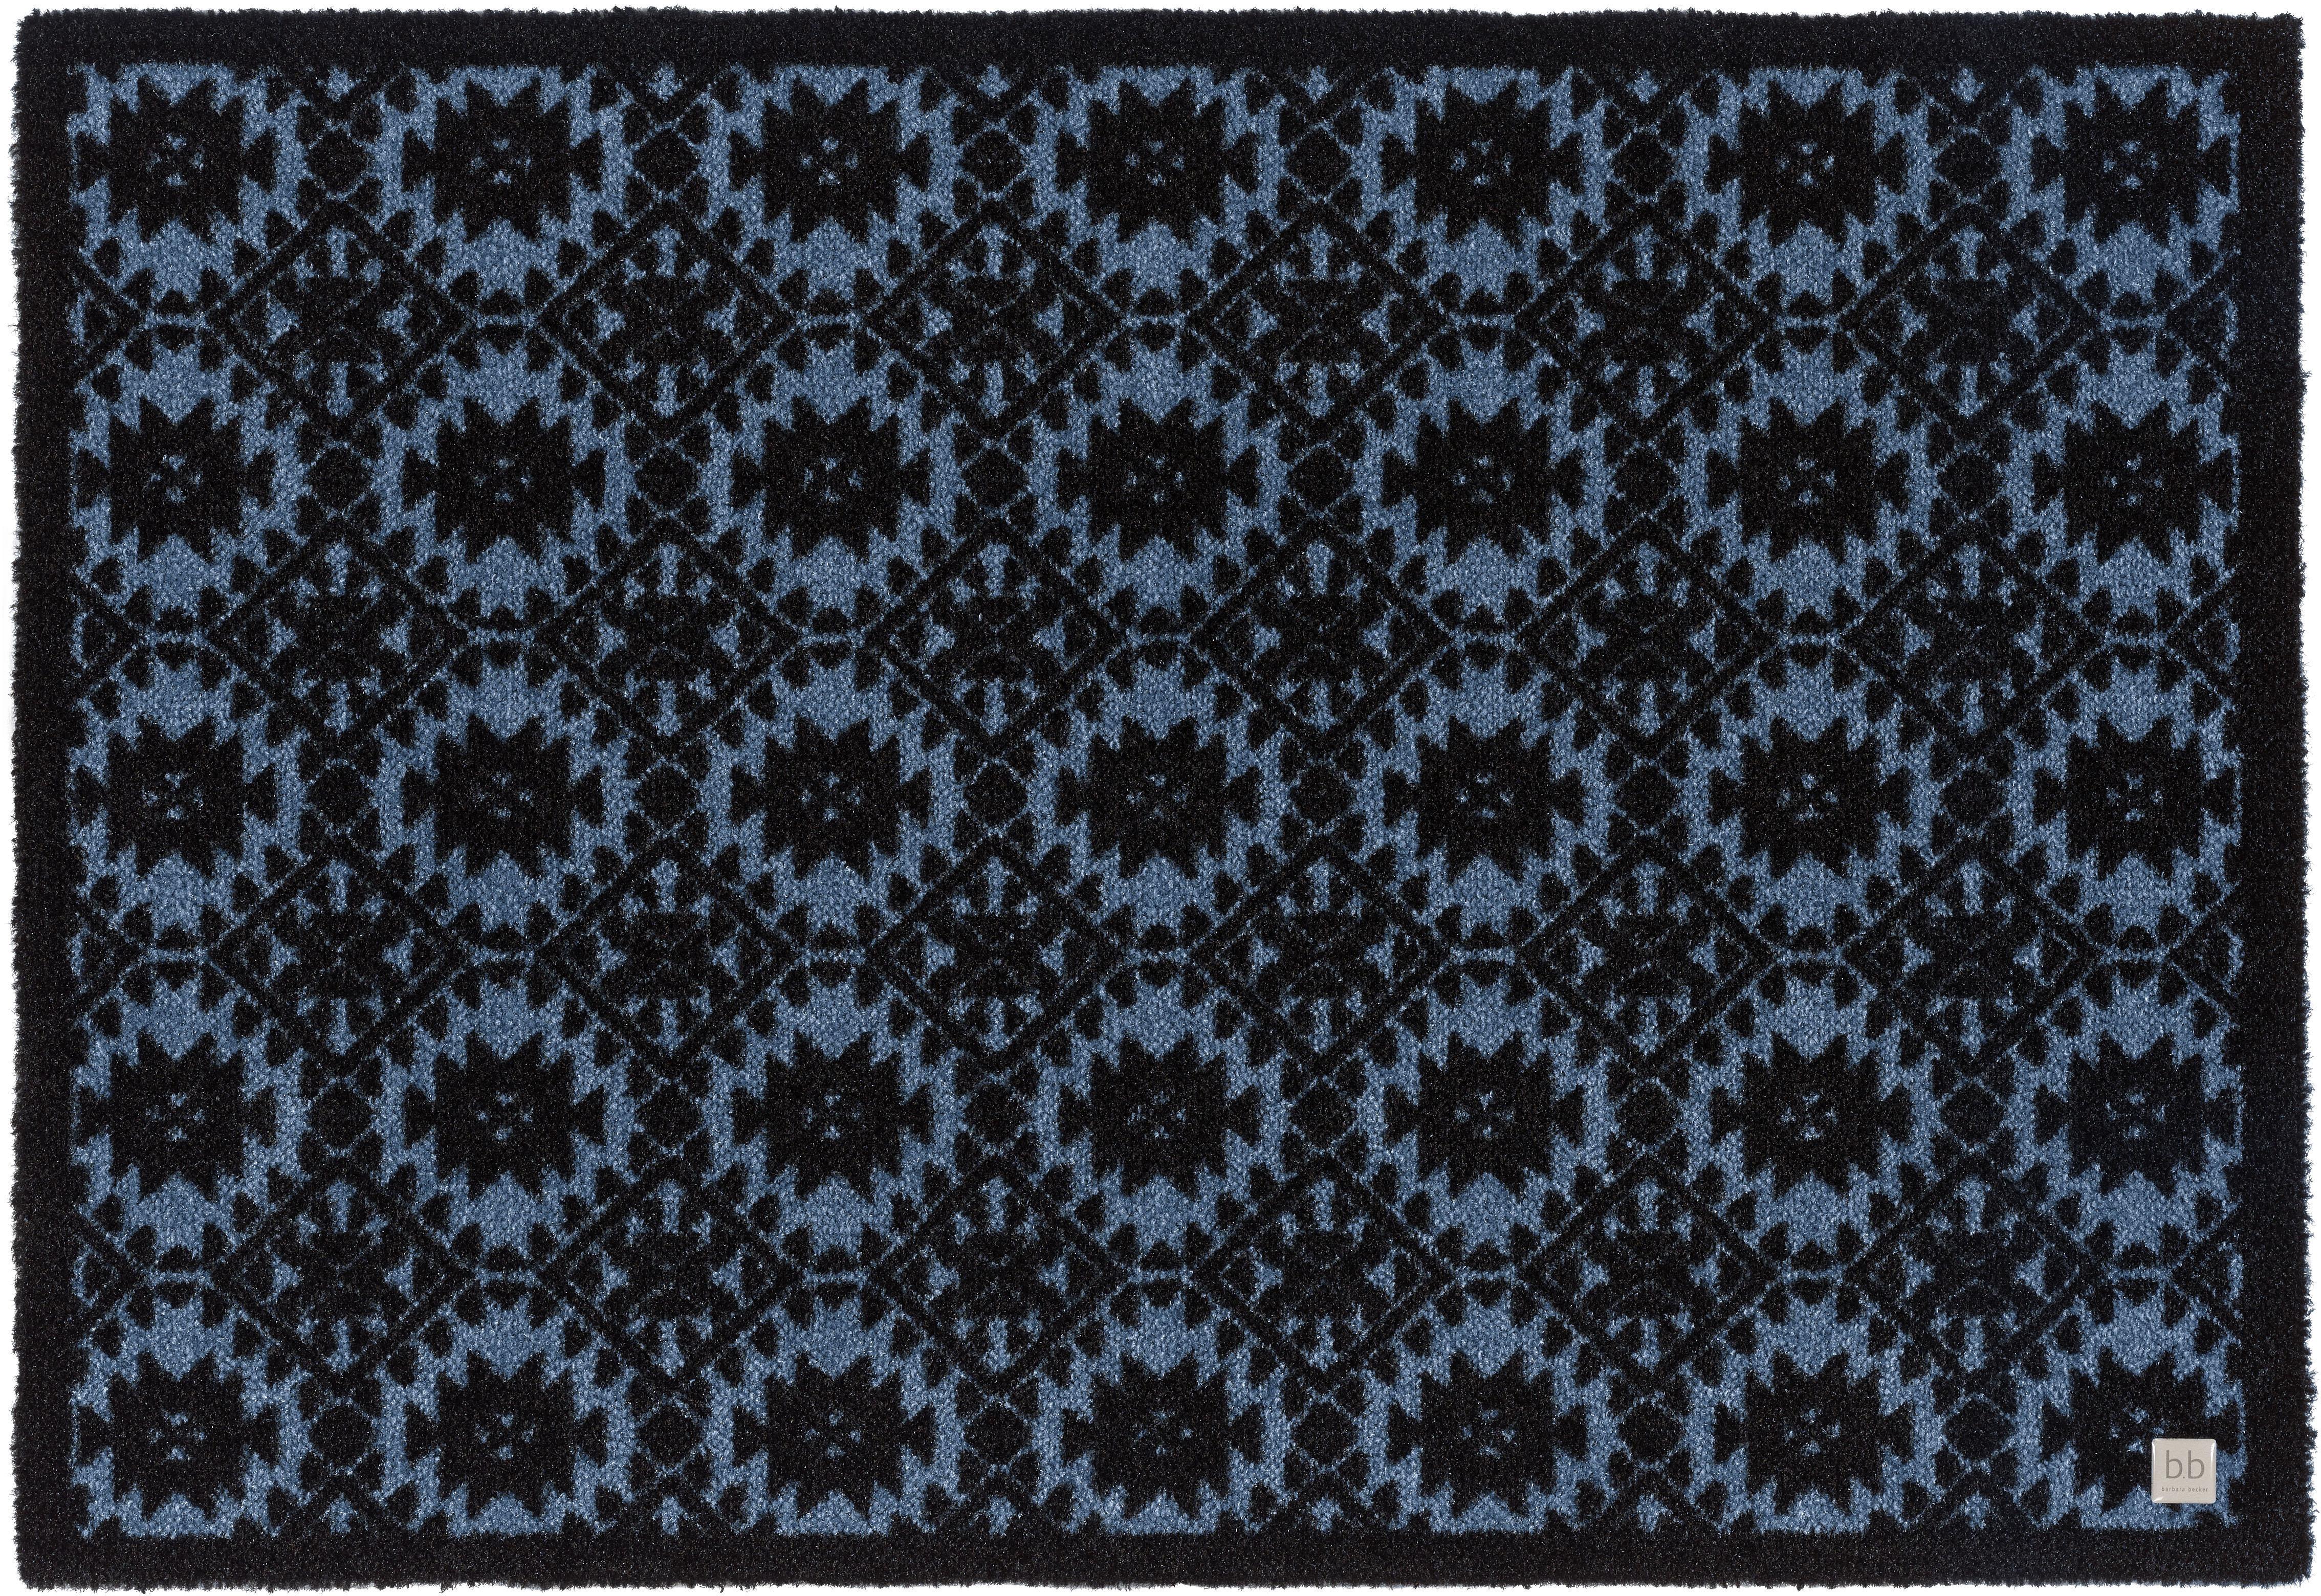 Image of Barbara Becker Fussmatte »Spirit BB«, rechteckig, 10 mm Höhe, Schmutzfangmatte, In- und Outdoor geeignet, waschbar